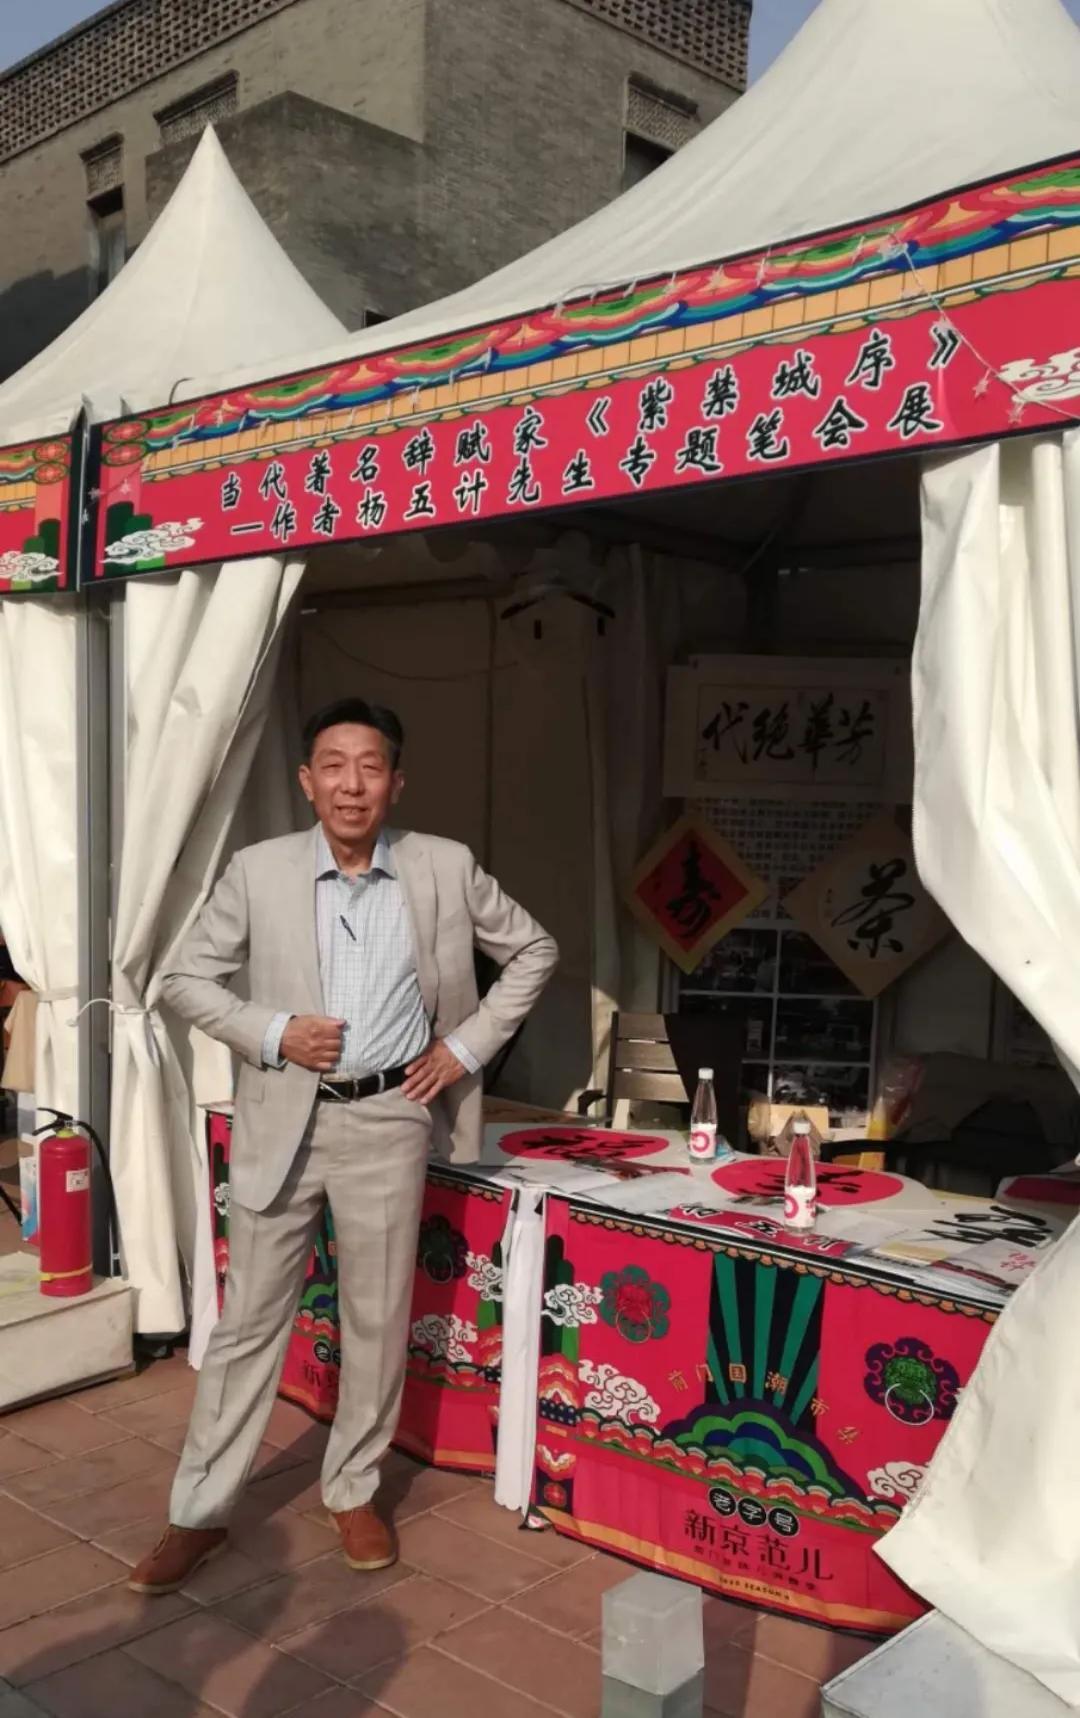 杨五计《紫禁城序》中国科学家李爱珍科学神女荣获美国科学院院士